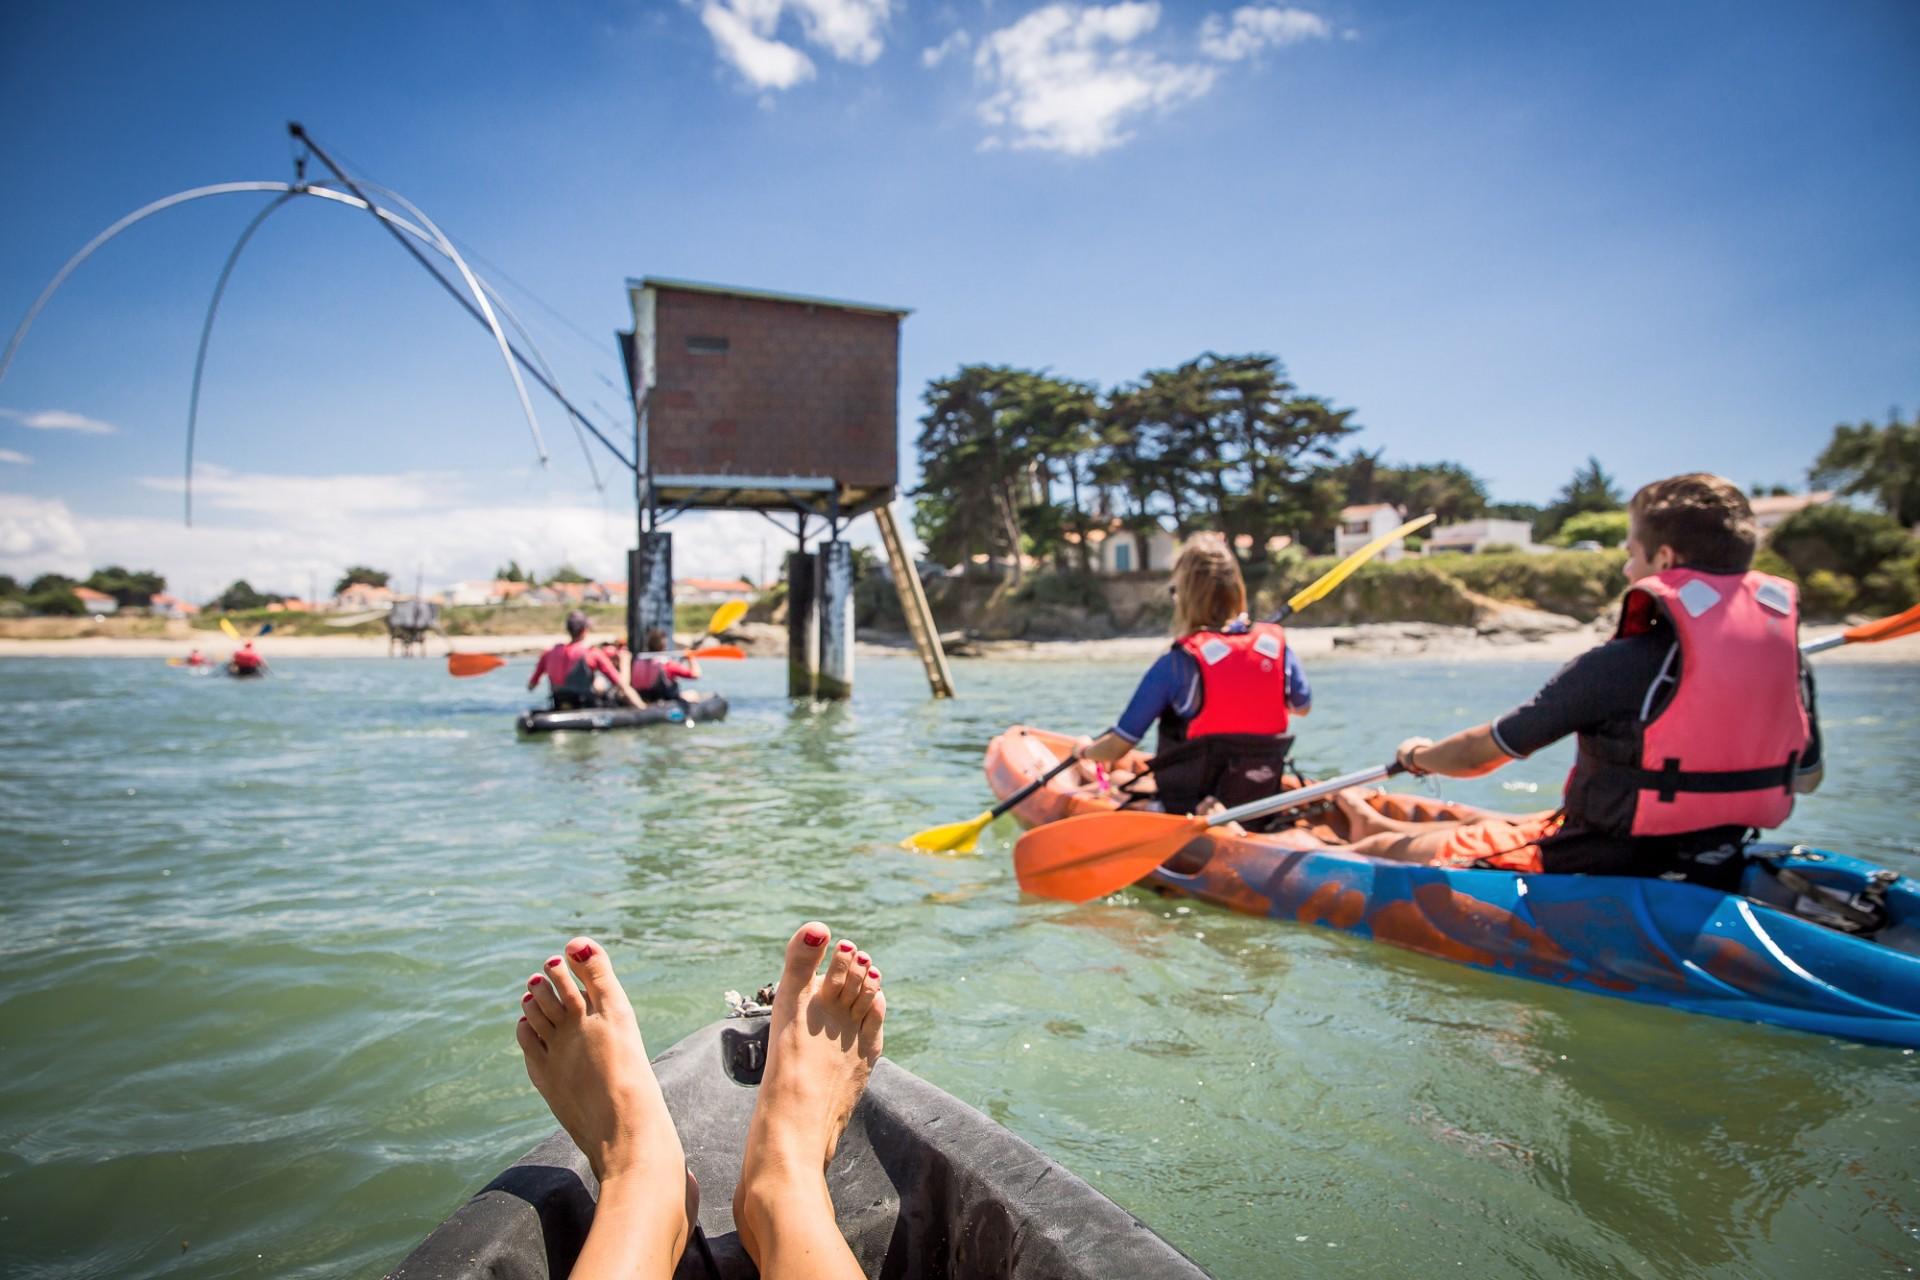 balade en kayak, balade en kayak en amoureux, kayak en mer, kayak la plaine sur mer, destination pornic, kayak nomade